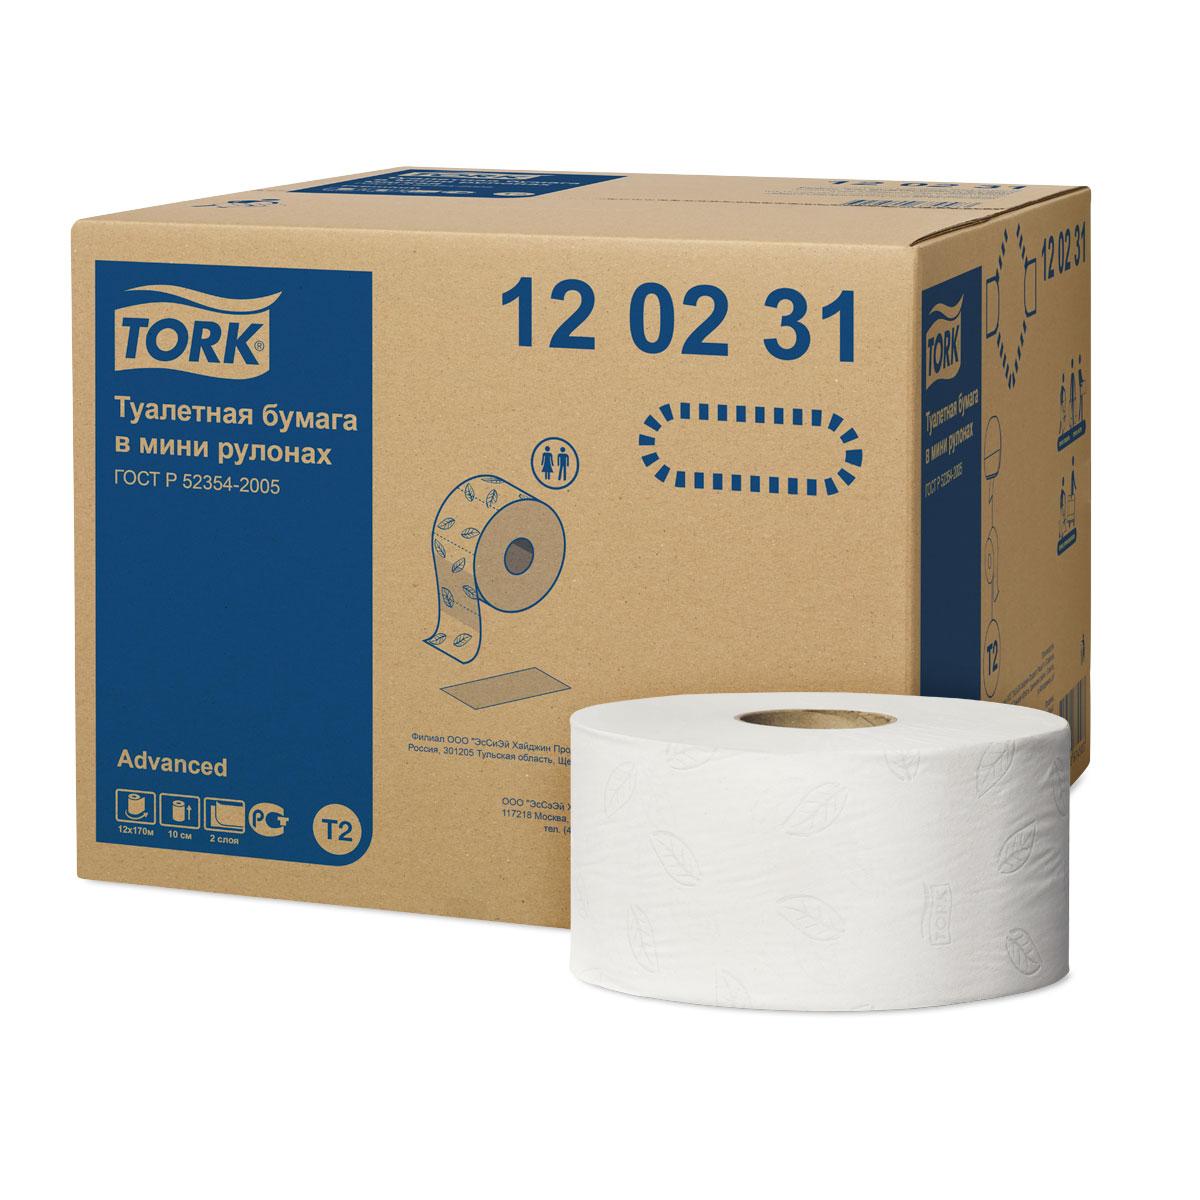 Бумага туалетная Tork, двухслойная, 12 мини-рулонов120231Двухслойная туалетная бумага Tork в мини-рулонах - оптимальное соотношение цены и качества, подходит для туалетных комнат средней и высокой проходимости.Большая емкость, благодаря чему реже требуется перезаправка.Технология цветного тиснения имеет двойную функцию и обеспечивает не только уникальные внешние свойства, но и исключительную мягкость и впитываемость бумаги за счет особого скрепления слоев.Все категории бумаги, отмеченные цветным тиснением, обеспечивают не только более привлекательный внешний вид продукции, но и большую мягкость.